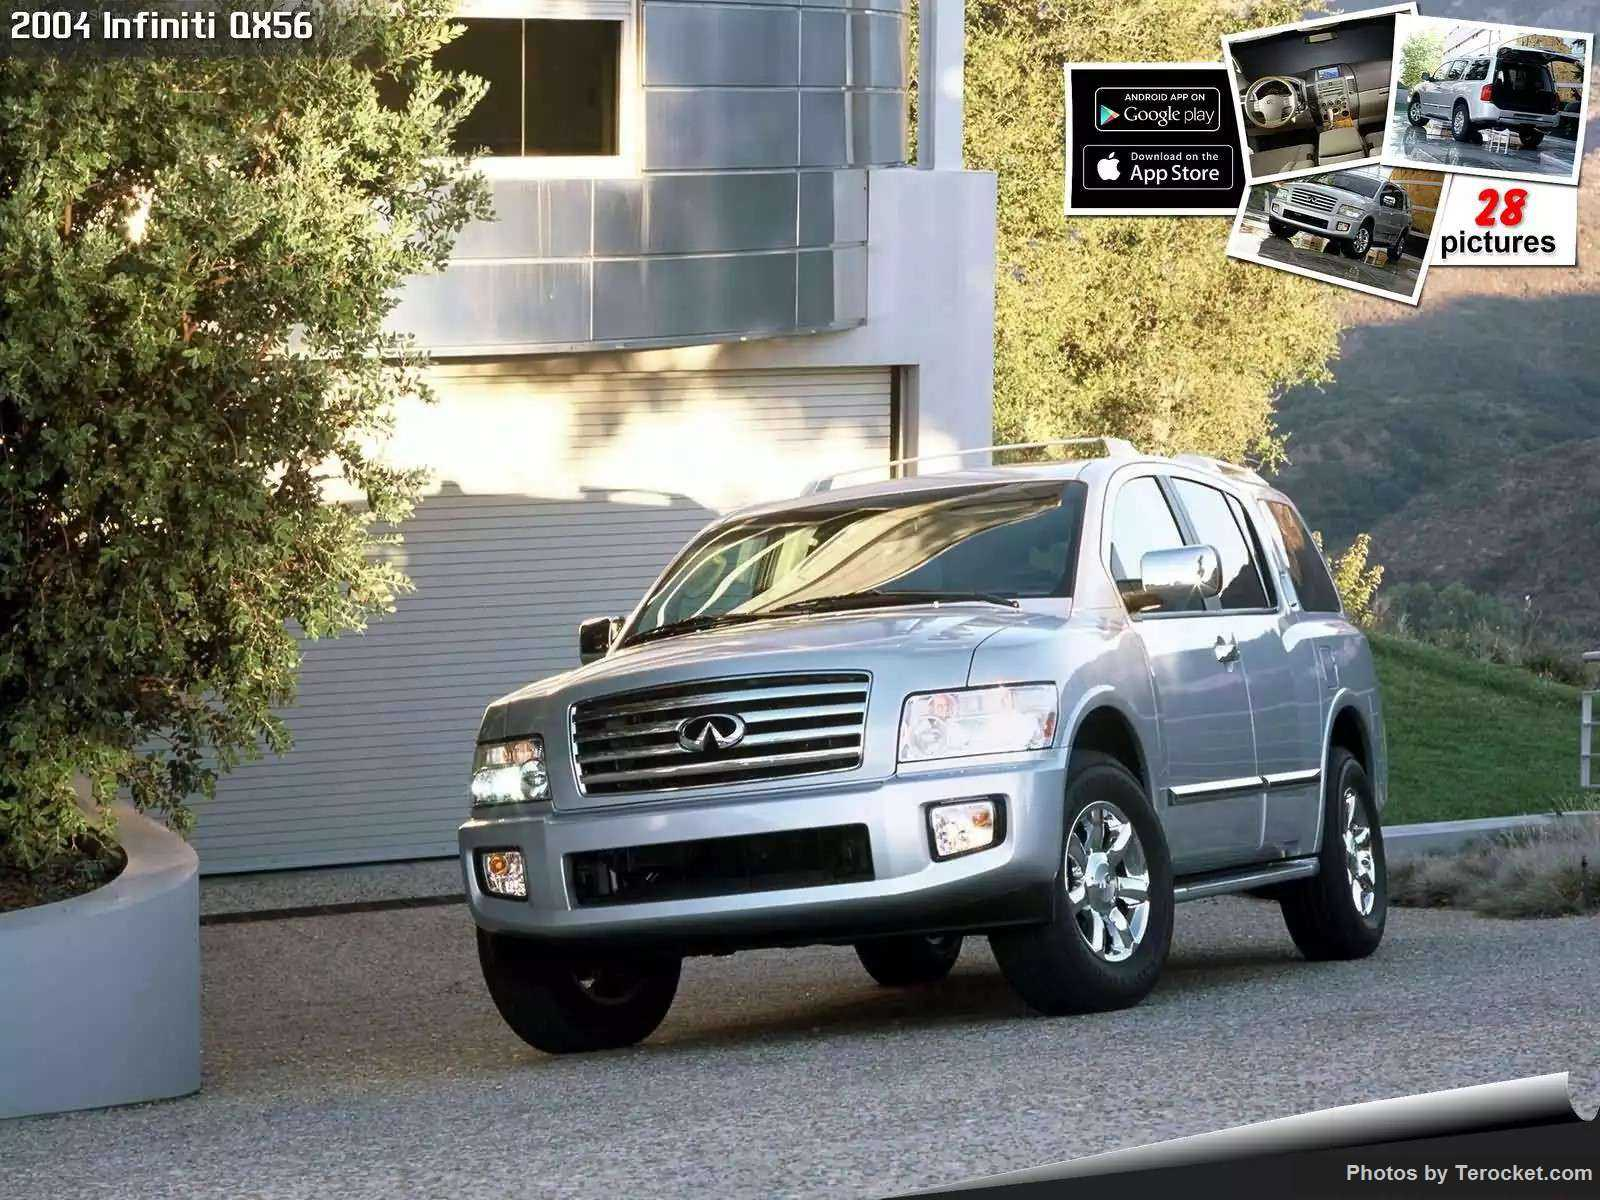 Hình ảnh xe ô tô Infiniti QX56 2004 & nội ngoại thất